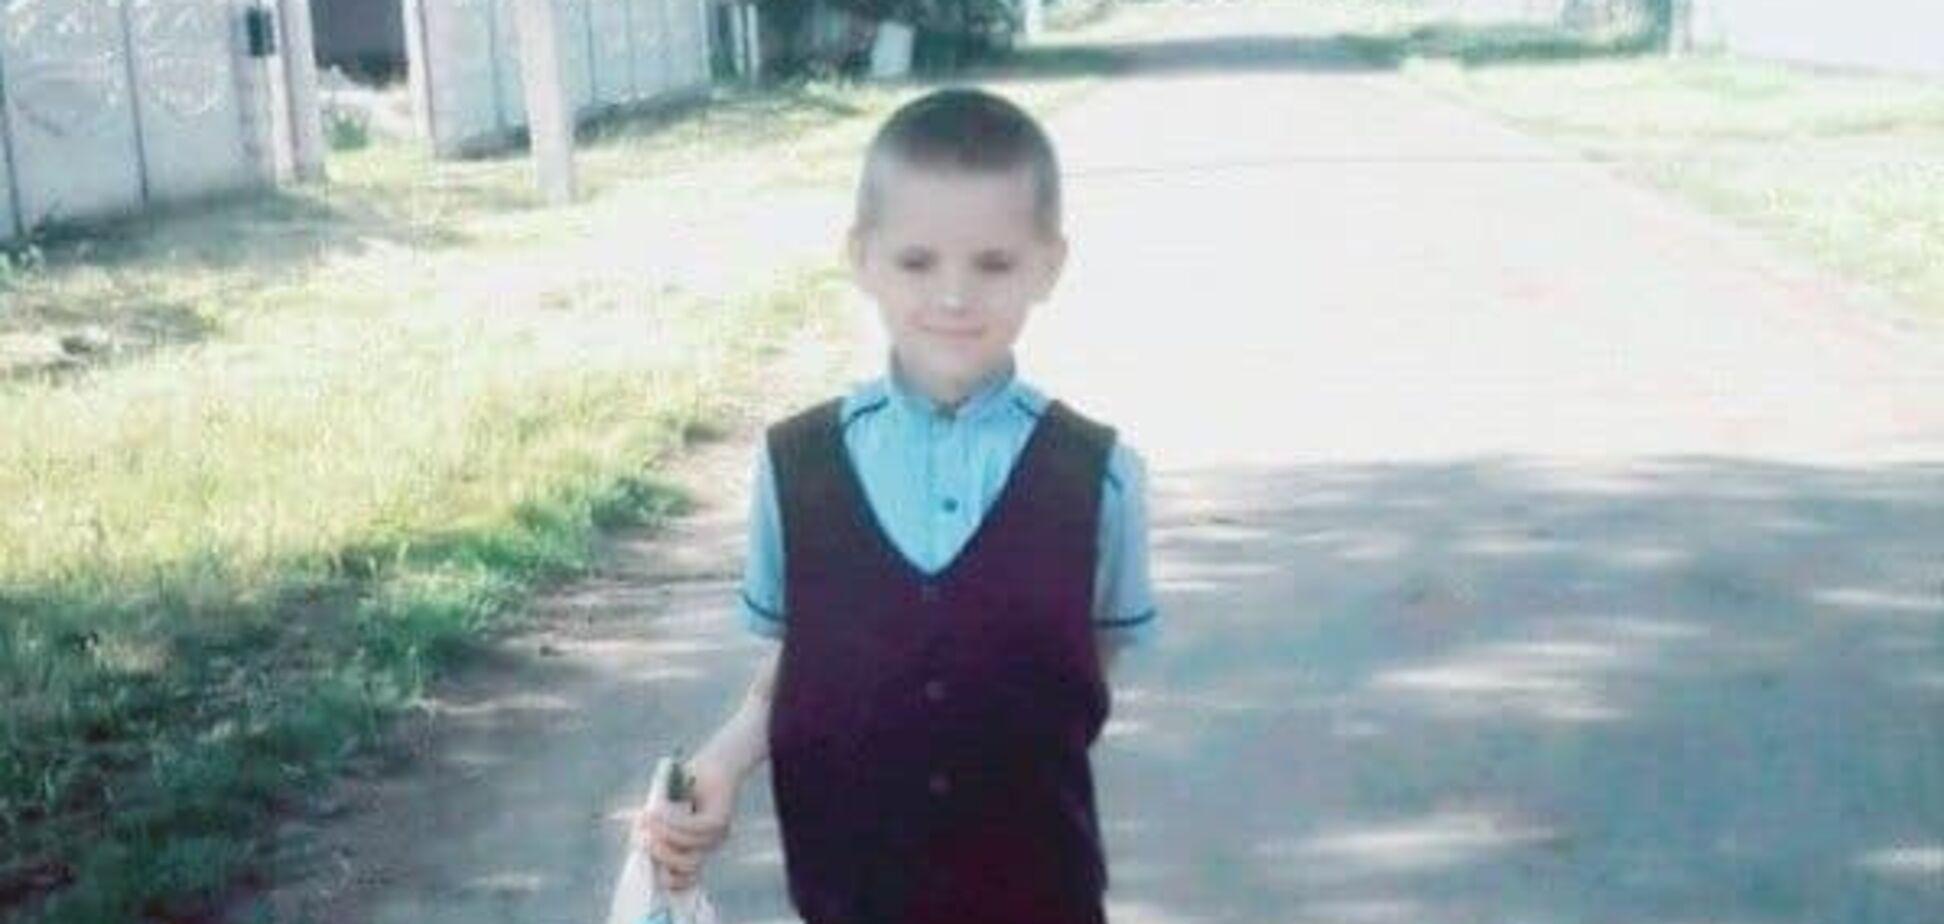 В Одессе нашли мертвым еще одного пропавшего 8-летнего ребенка: детали трагедии